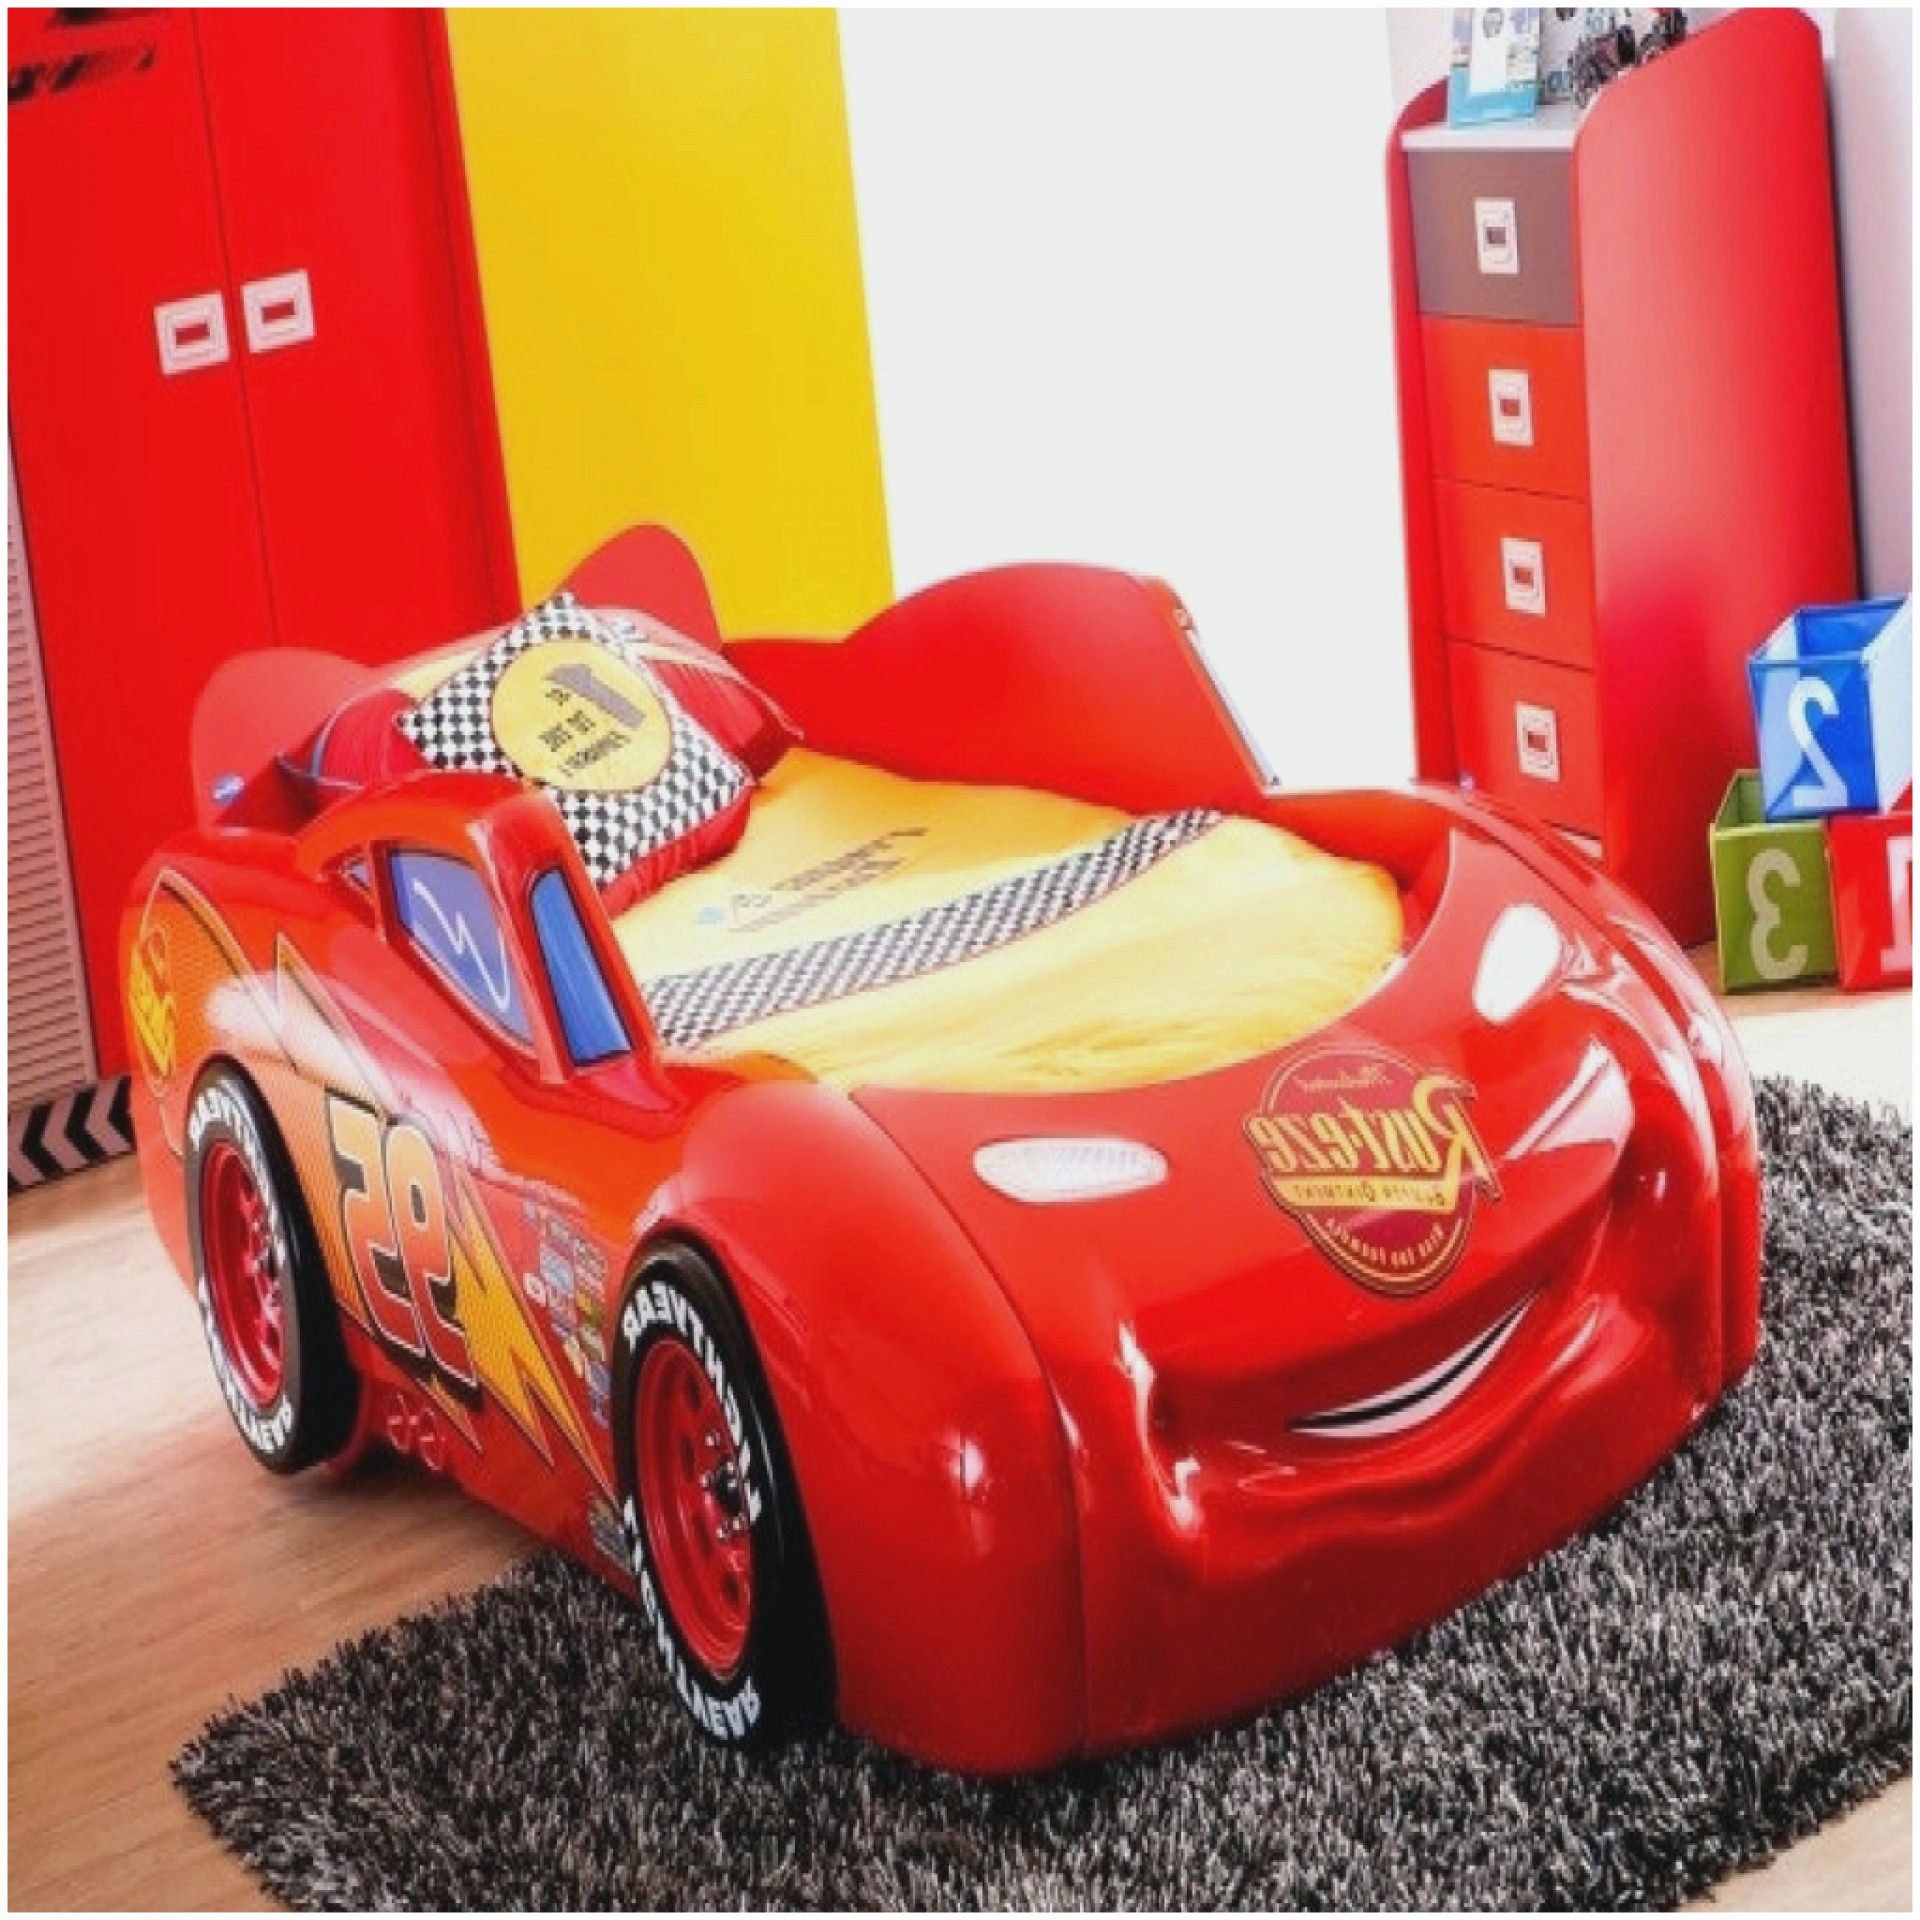 Full Size of Kinderbett Feuerwehr 90200 Frisch Bett Feuerwehrauto Auto Cz Tagesdecke Landhaus Kopfteile Für Betten 120x190 Komforthöhe Mädchen Dänisches Bettenlager Bett Cars Bett